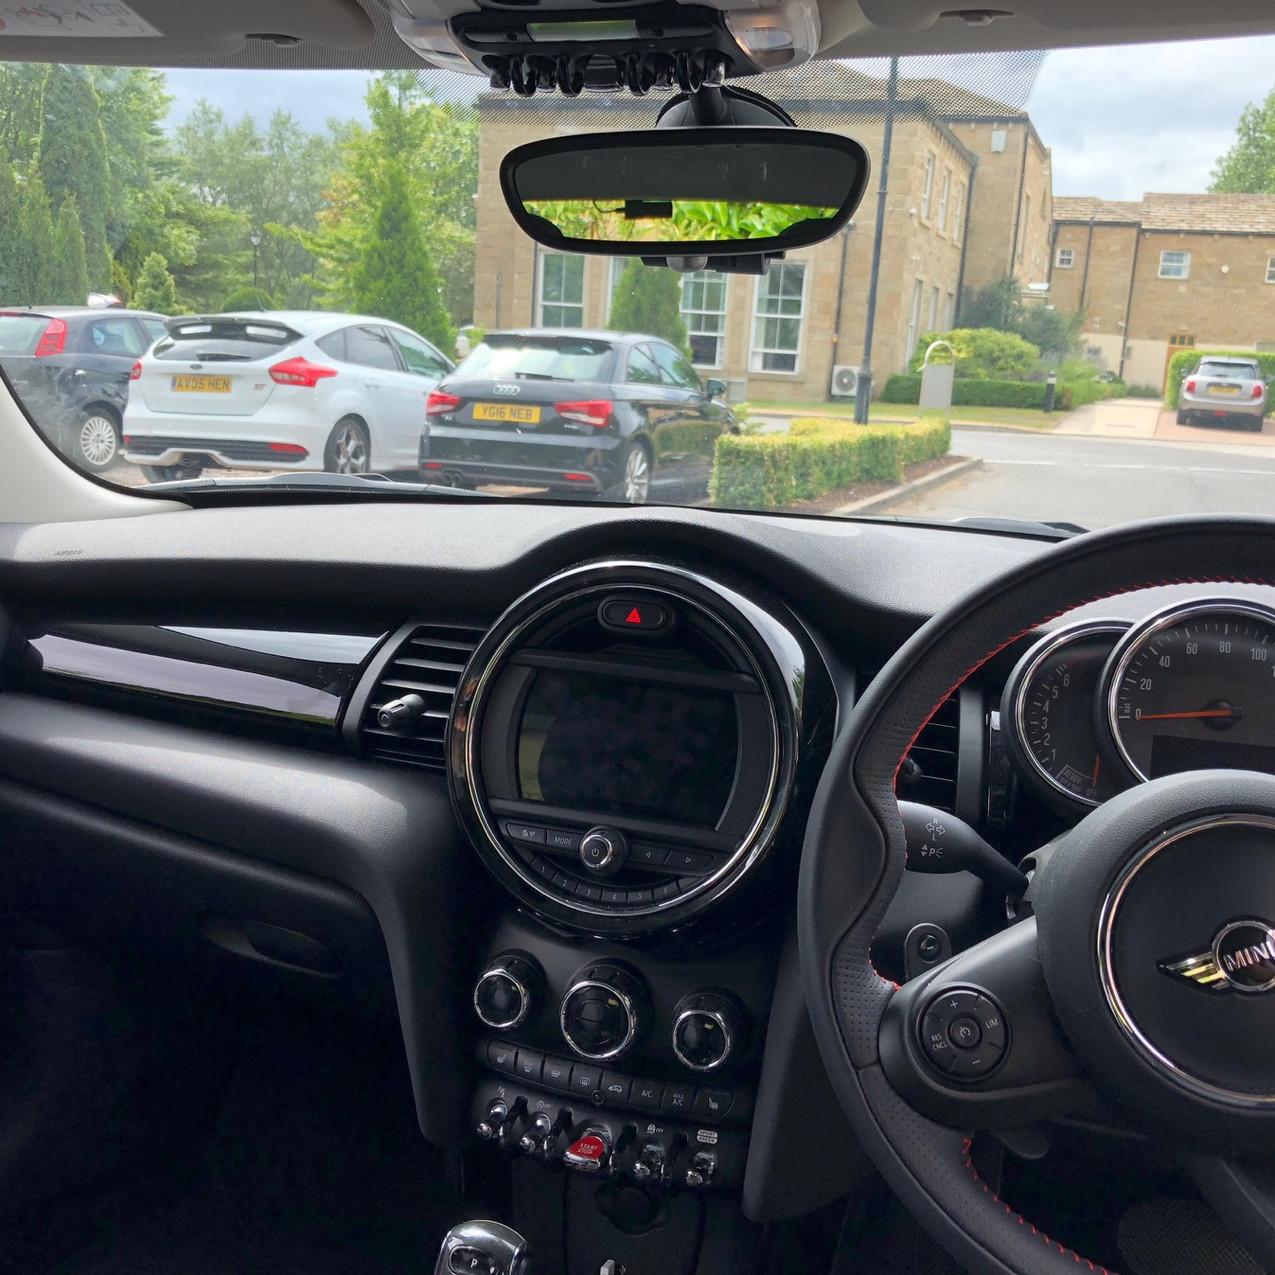 Goluk T3 Dashcam professional install in a Cherished Mini Cooper S